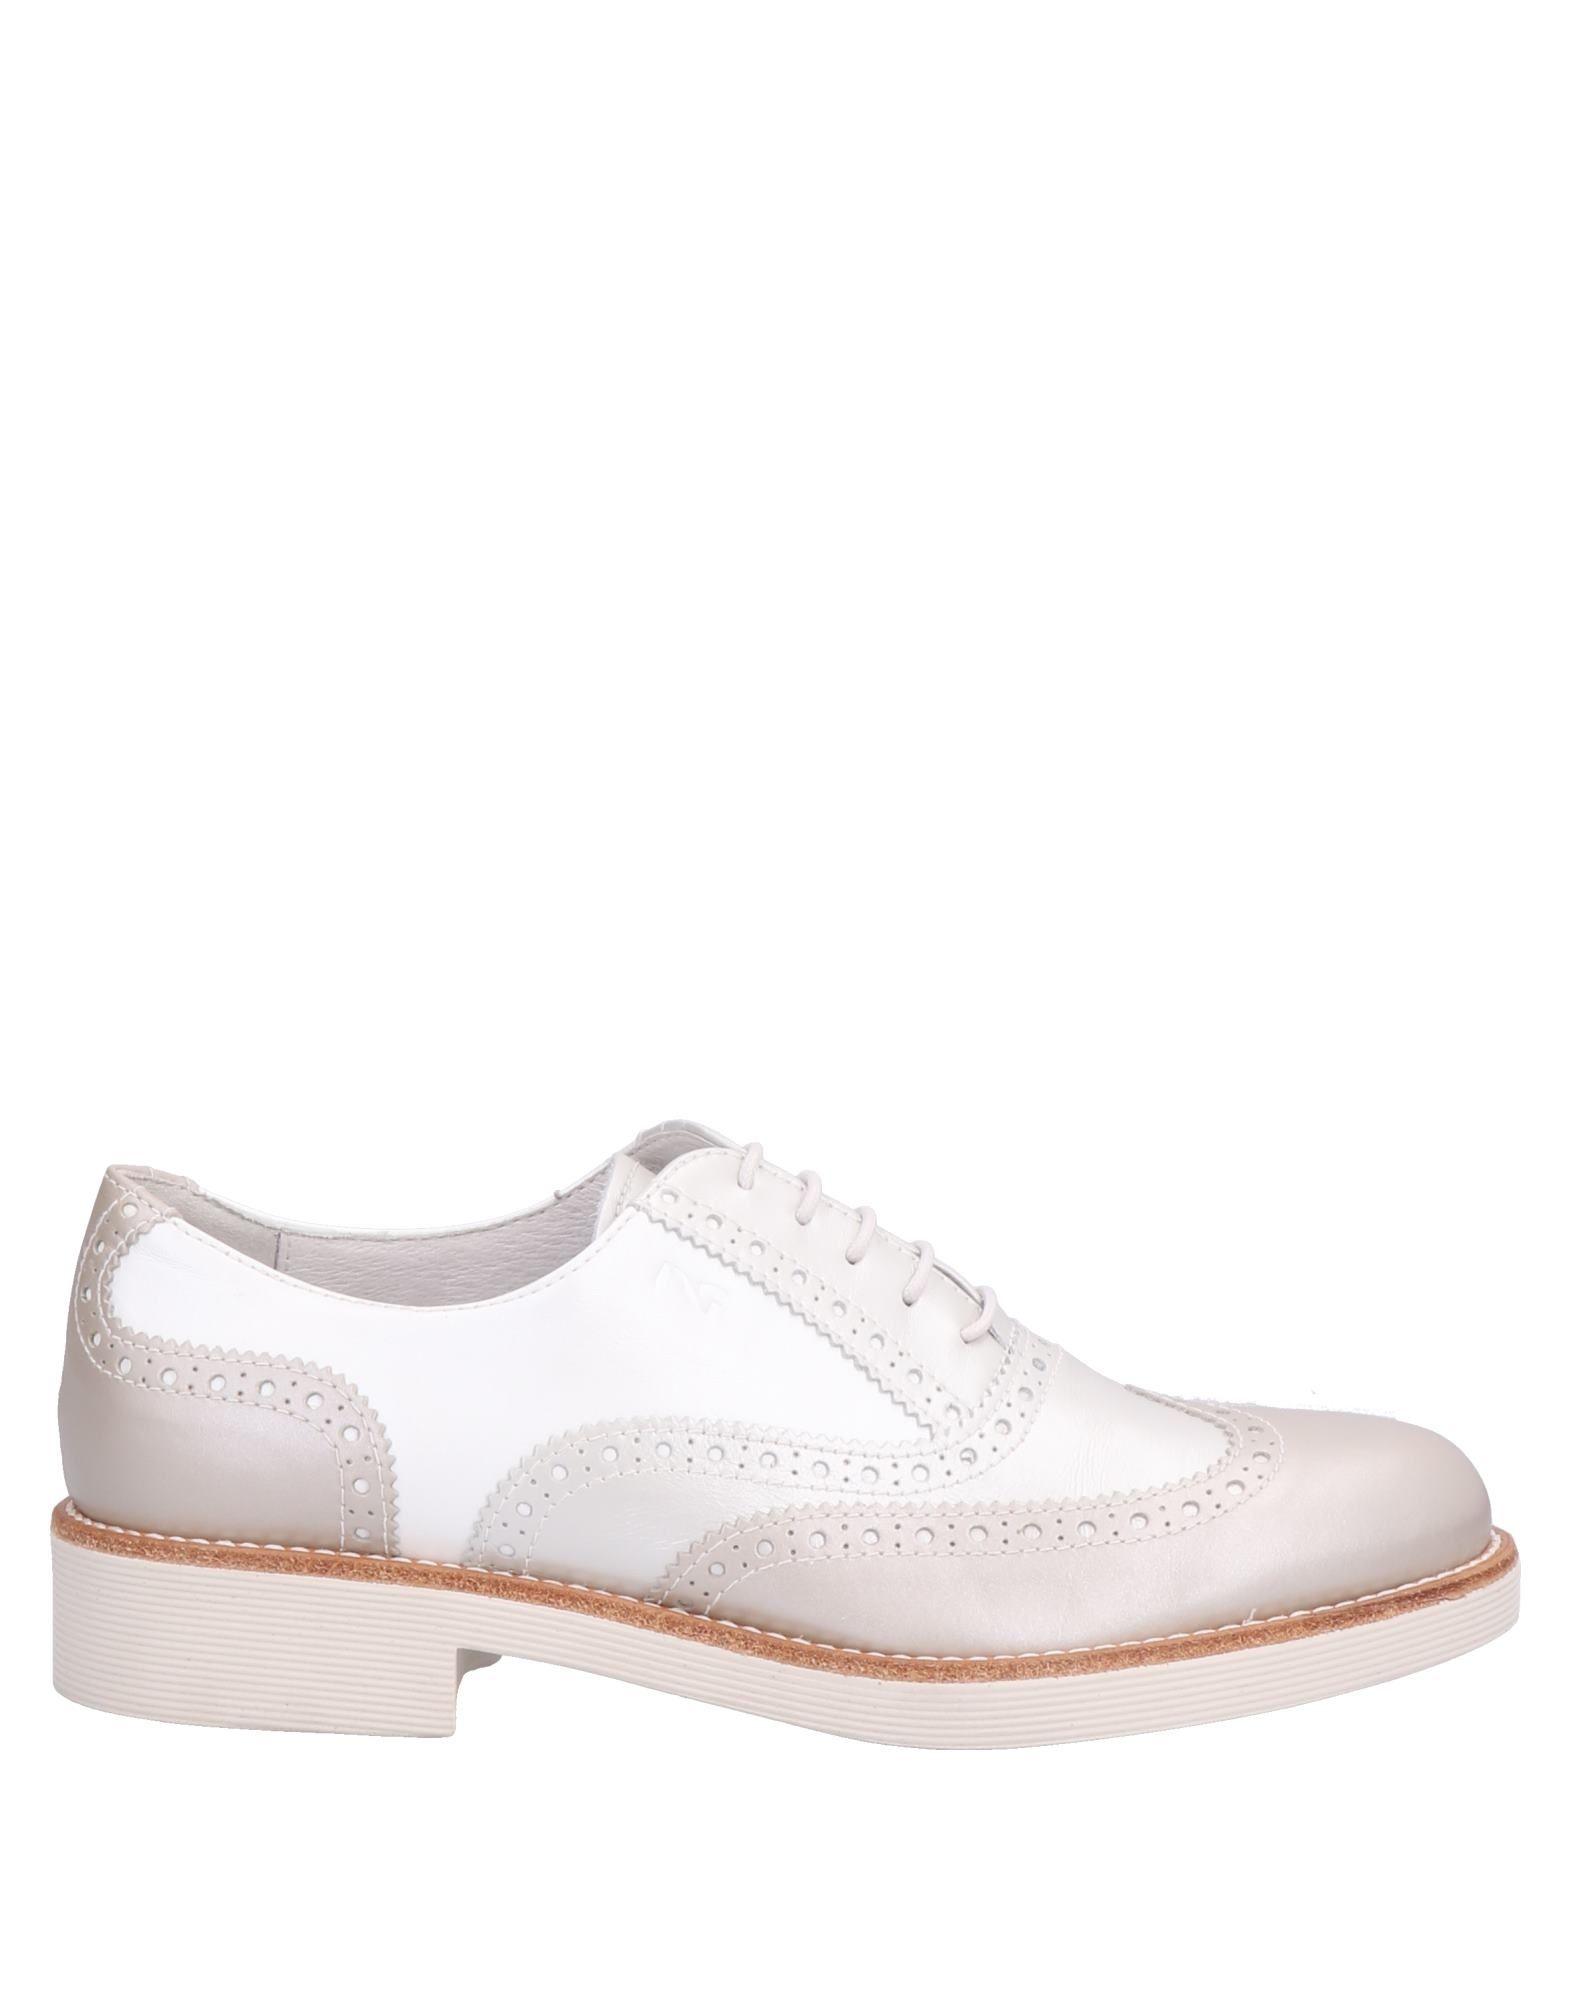 Фото - NERO GIARDINI Обувь на шнурках обувь на высокой платформе dkny